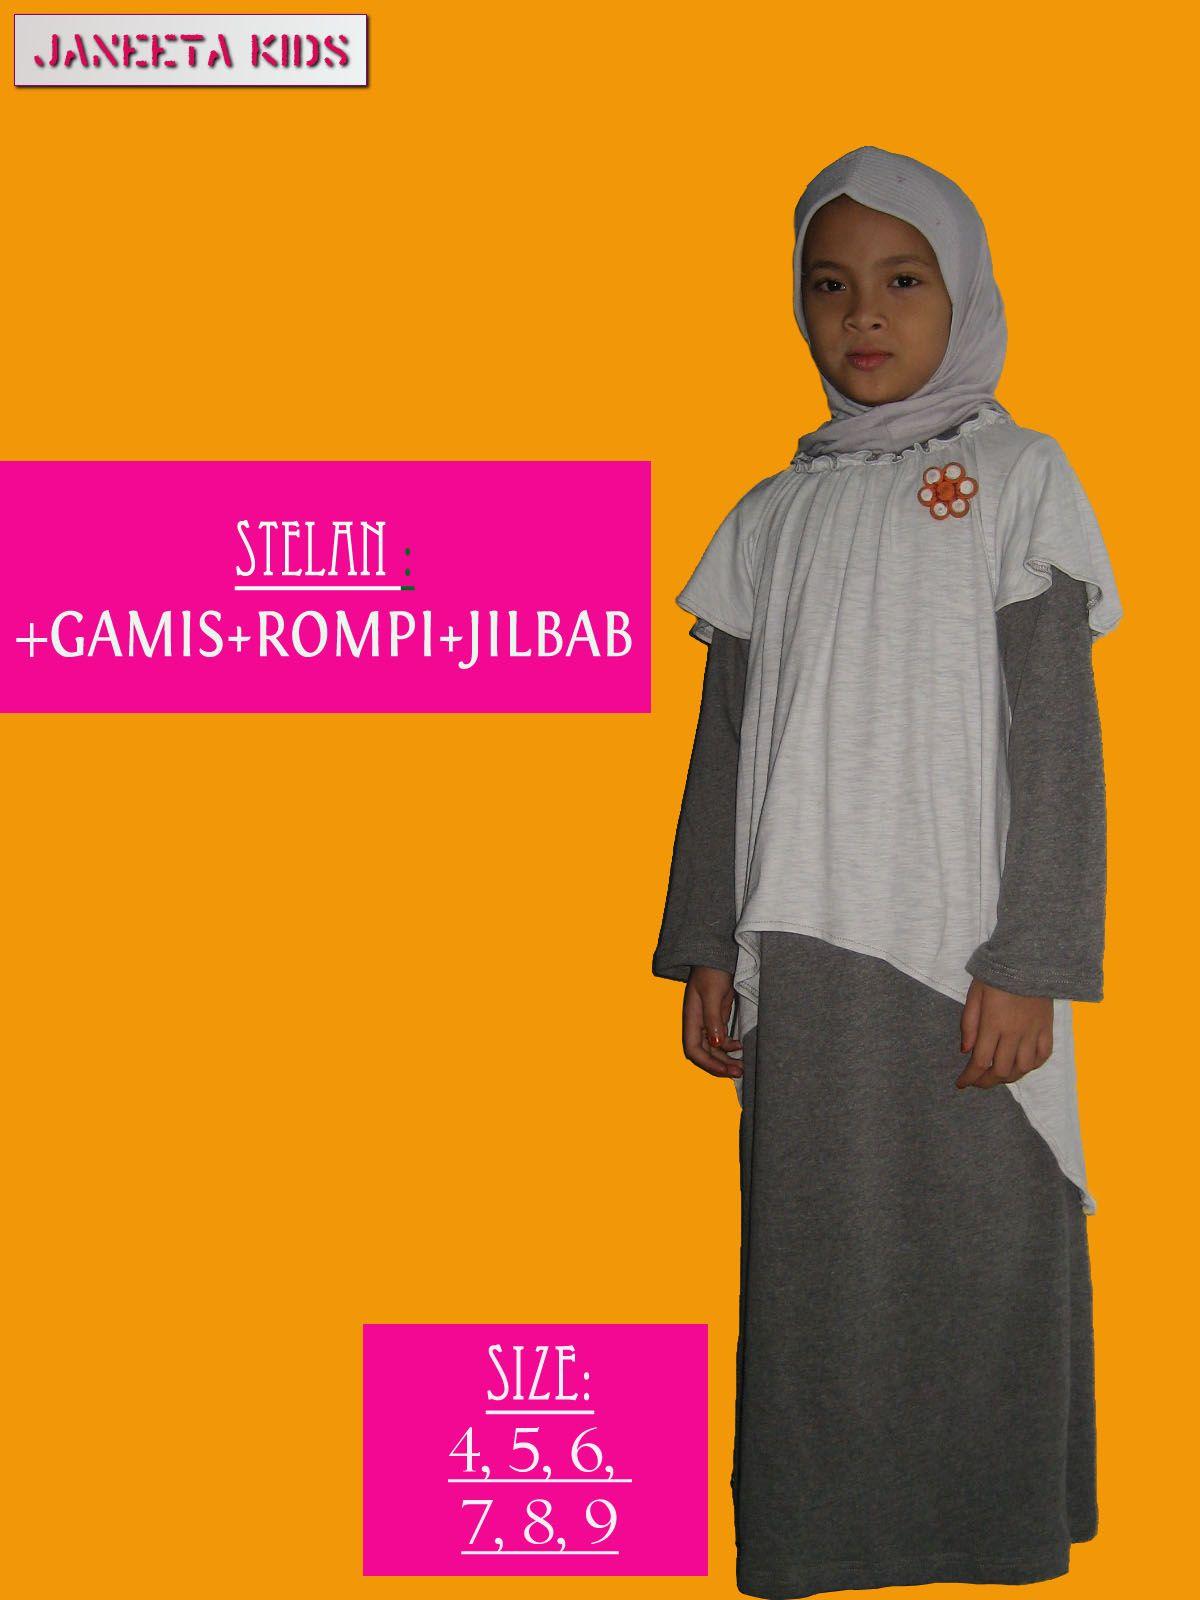 Baju Gamis Kaos Anak Dengan Rompi Ditambah Gratis Jilbab Dengan Padu